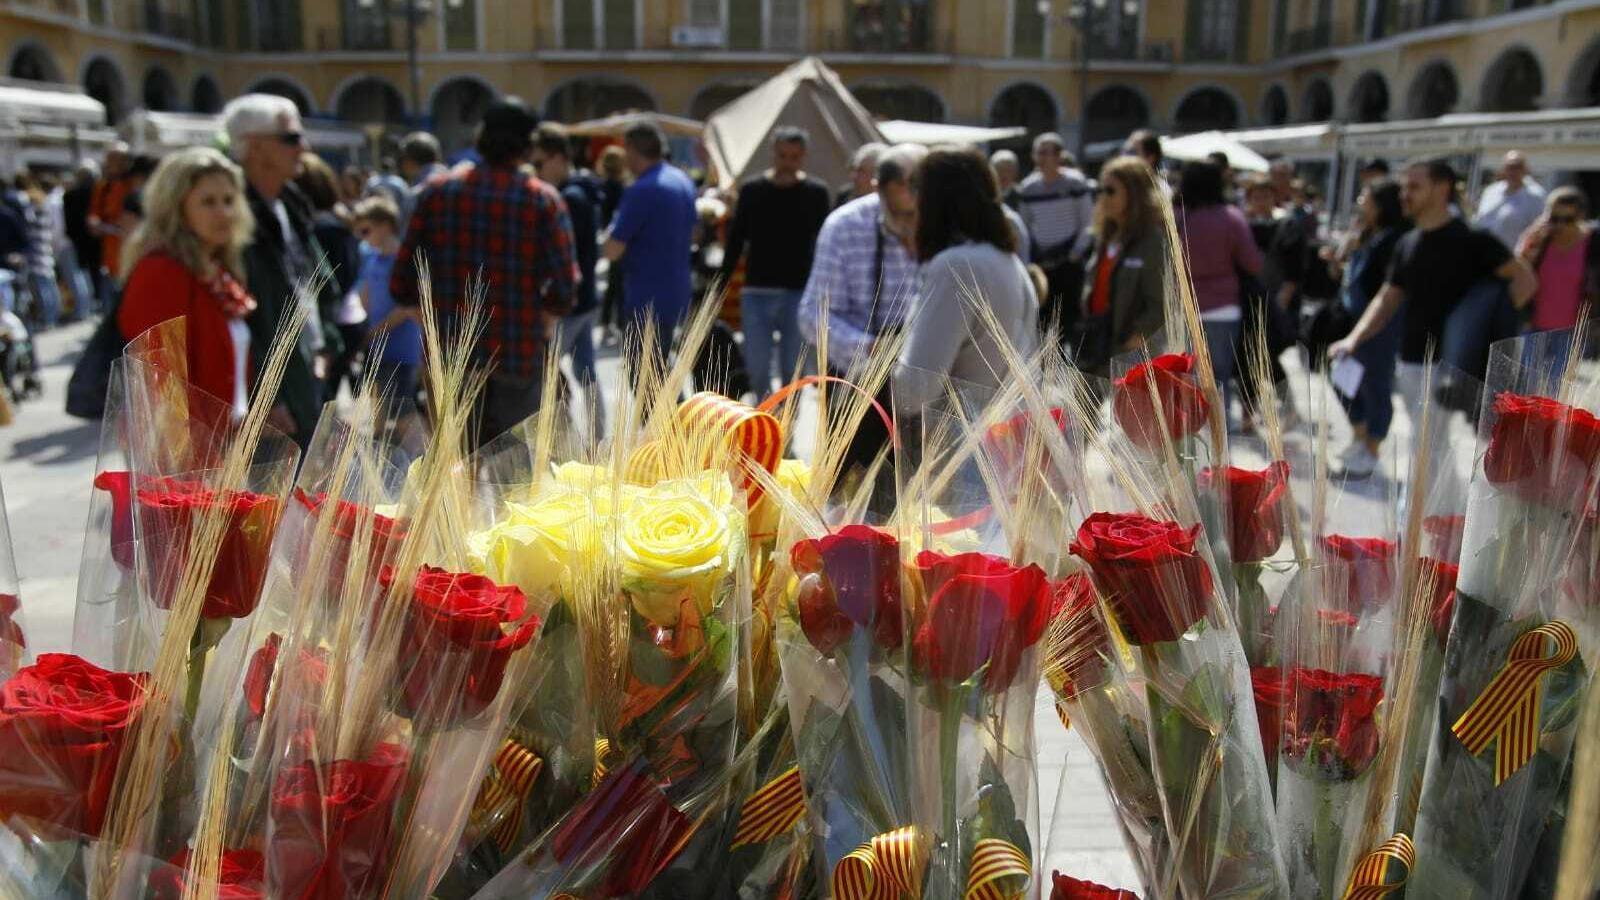 Centenars de persones omplen els carrers de Palma per Sant Jordi